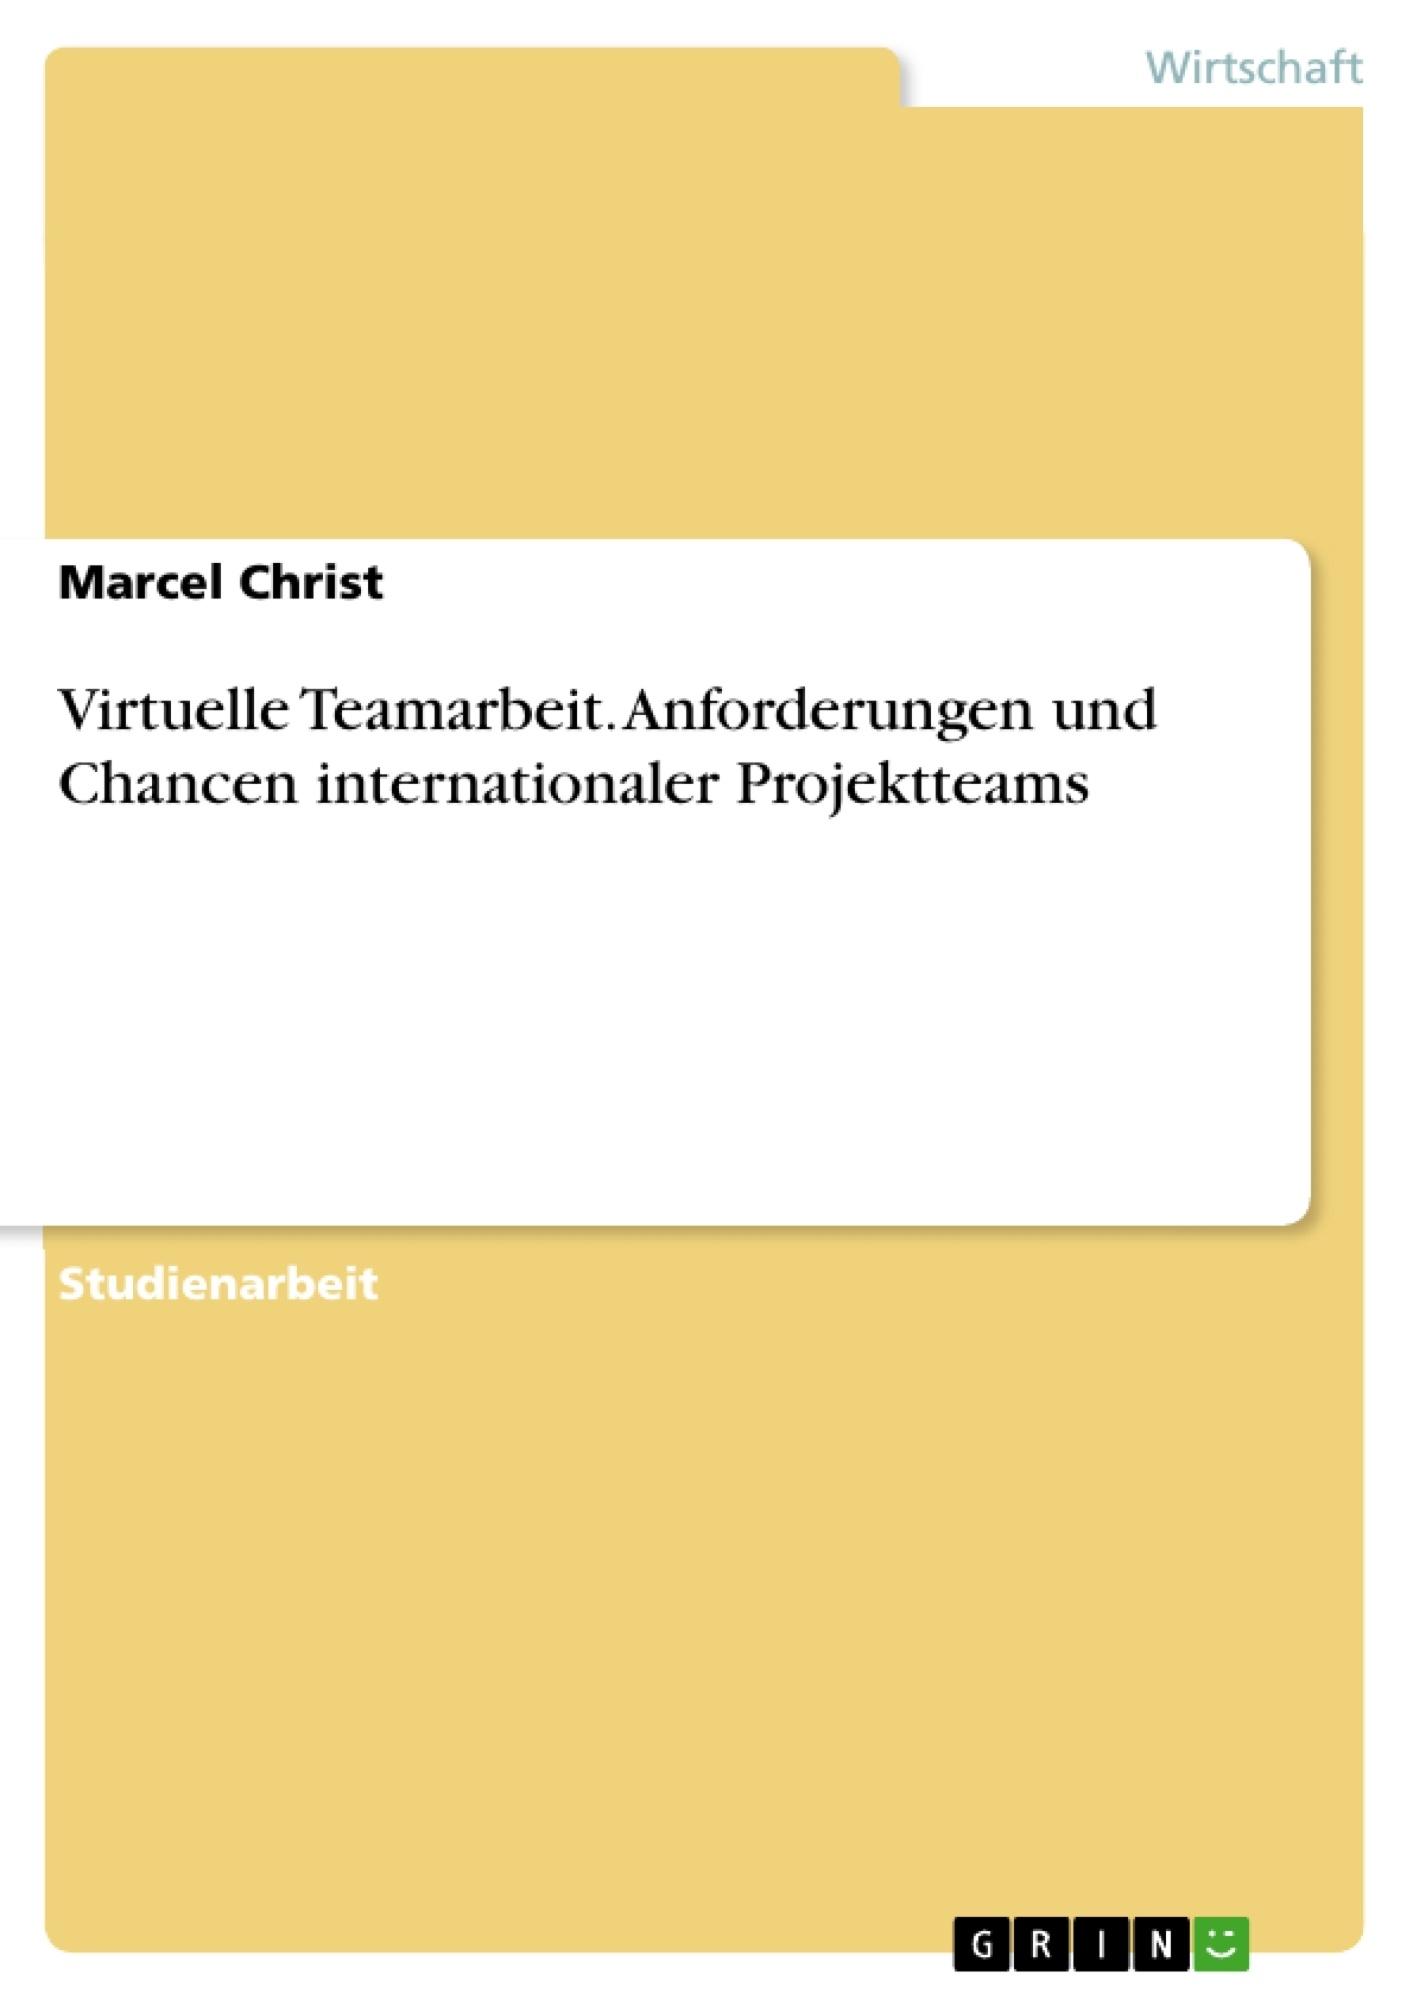 Titel: Virtuelle Teamarbeit. Anforderungen und Chancen internationaler Projektteams